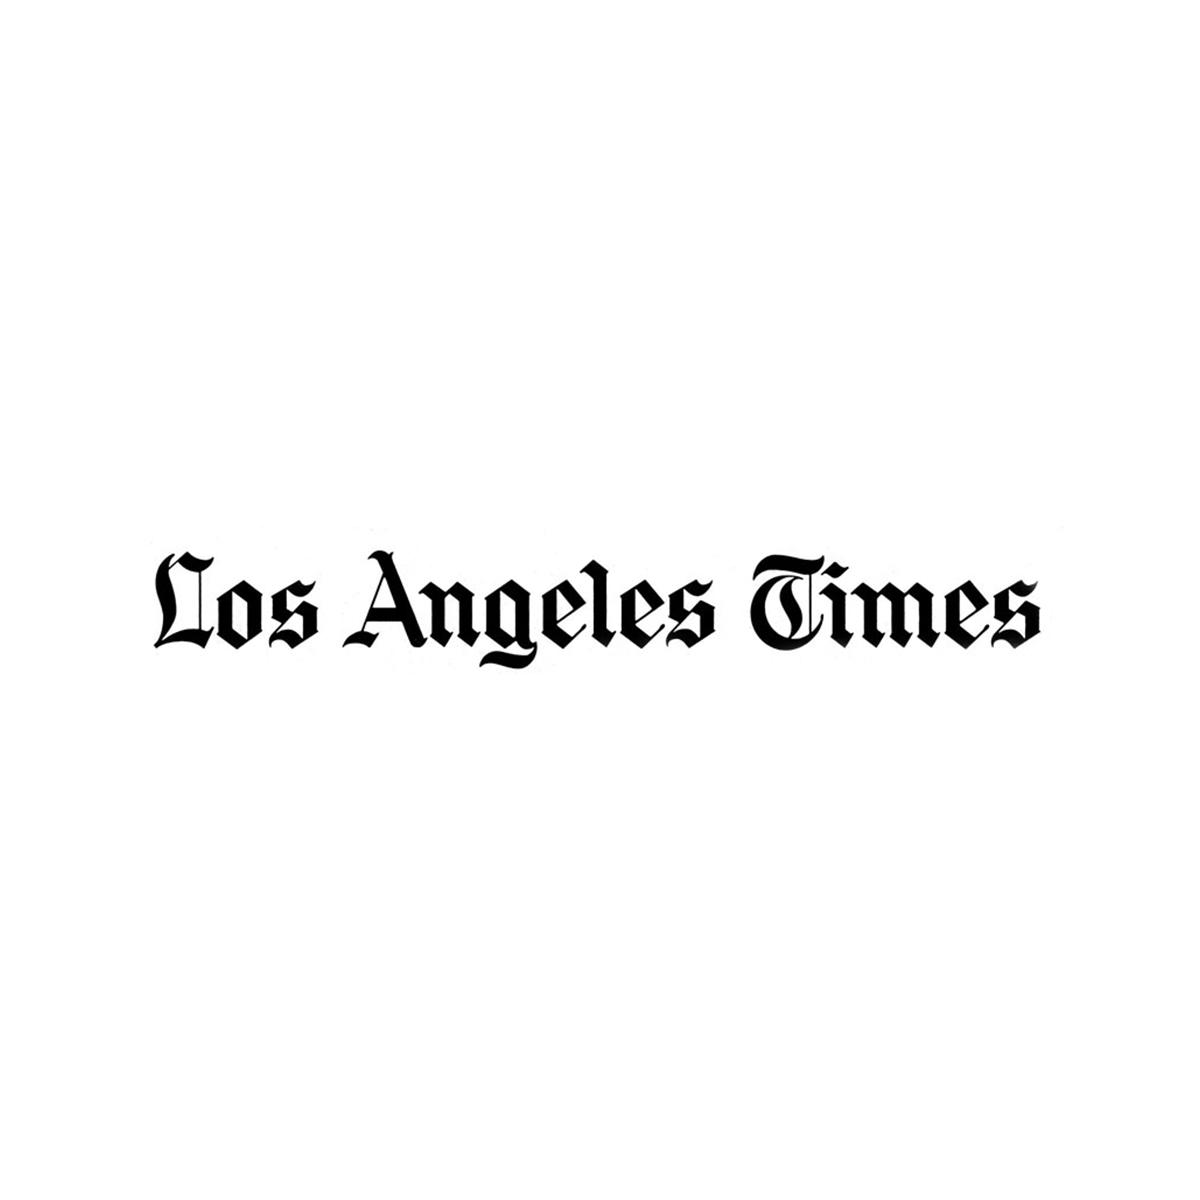 LA Times Logo Resize.png